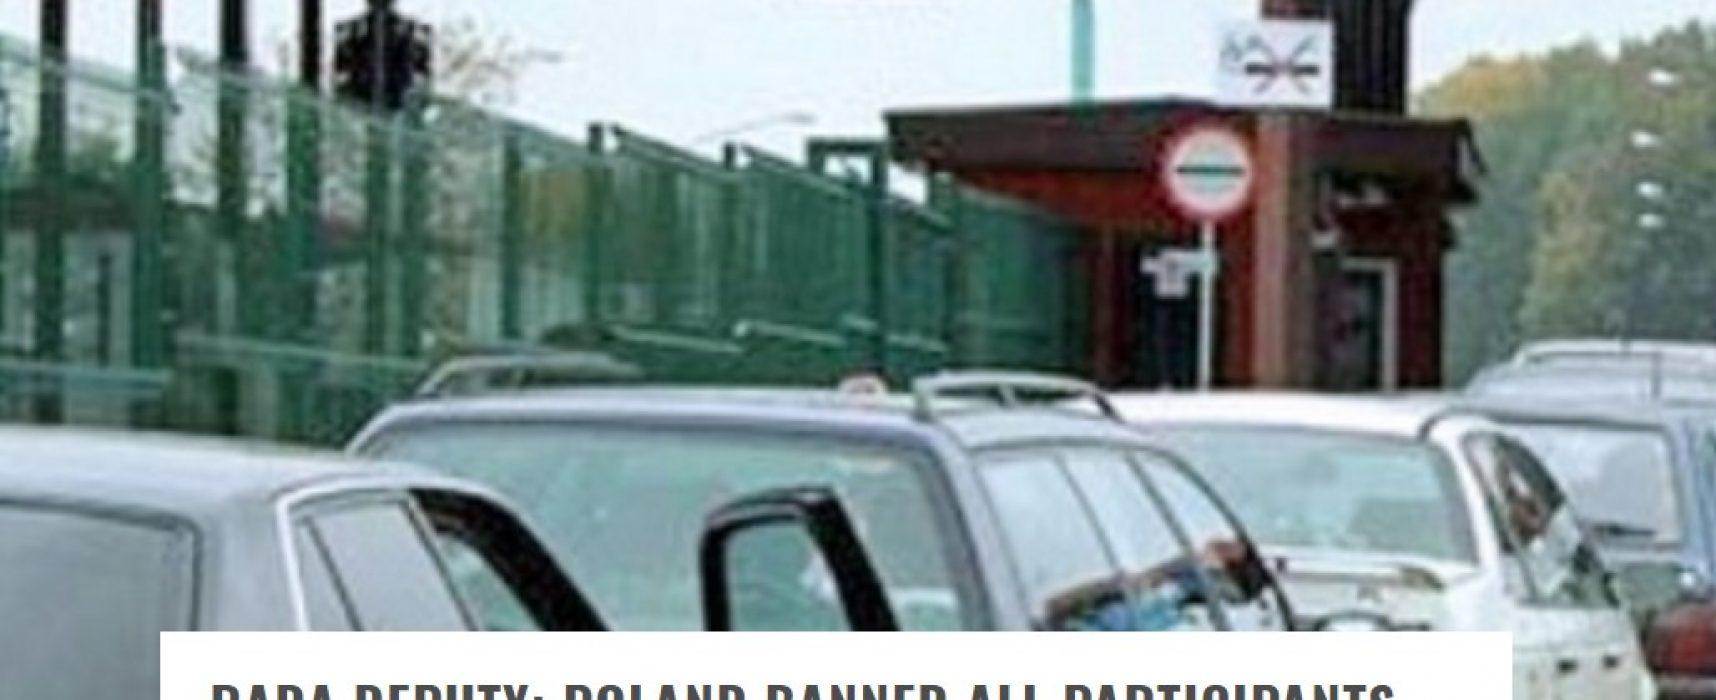 Powraca kłamstwo dotyczące rzekomego zakazu wjazdu do Polski dla Ukraińców, którzy brali udział w konflikcie w Donbasie